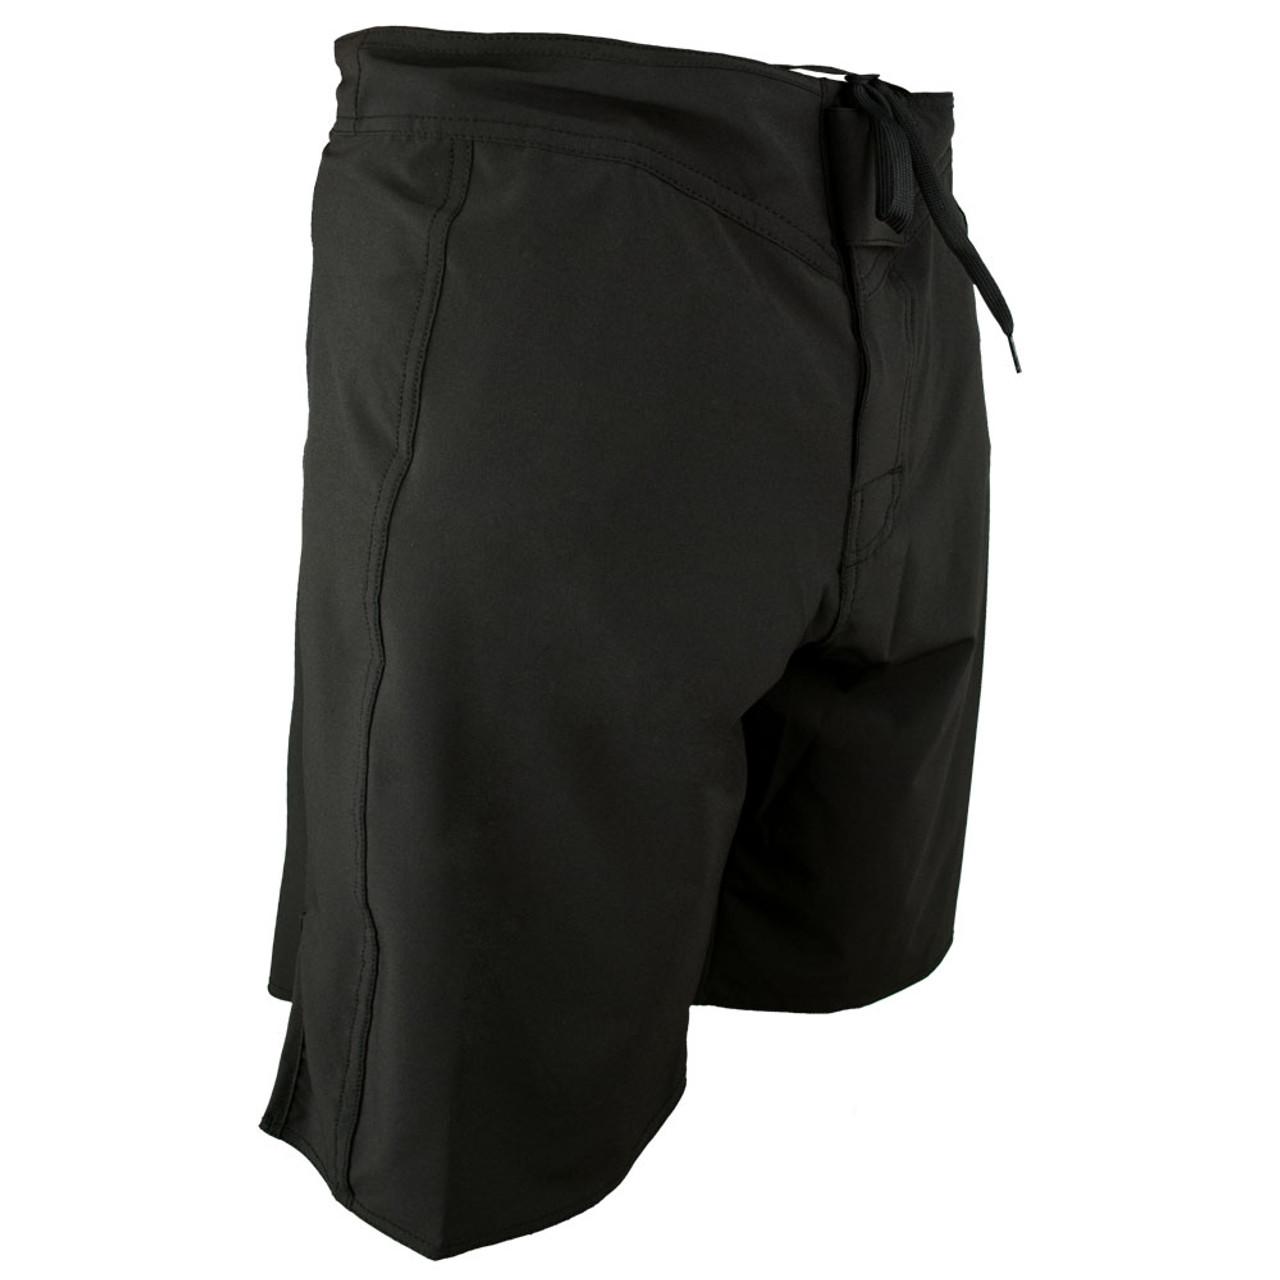 Samurai Shorts - Blank